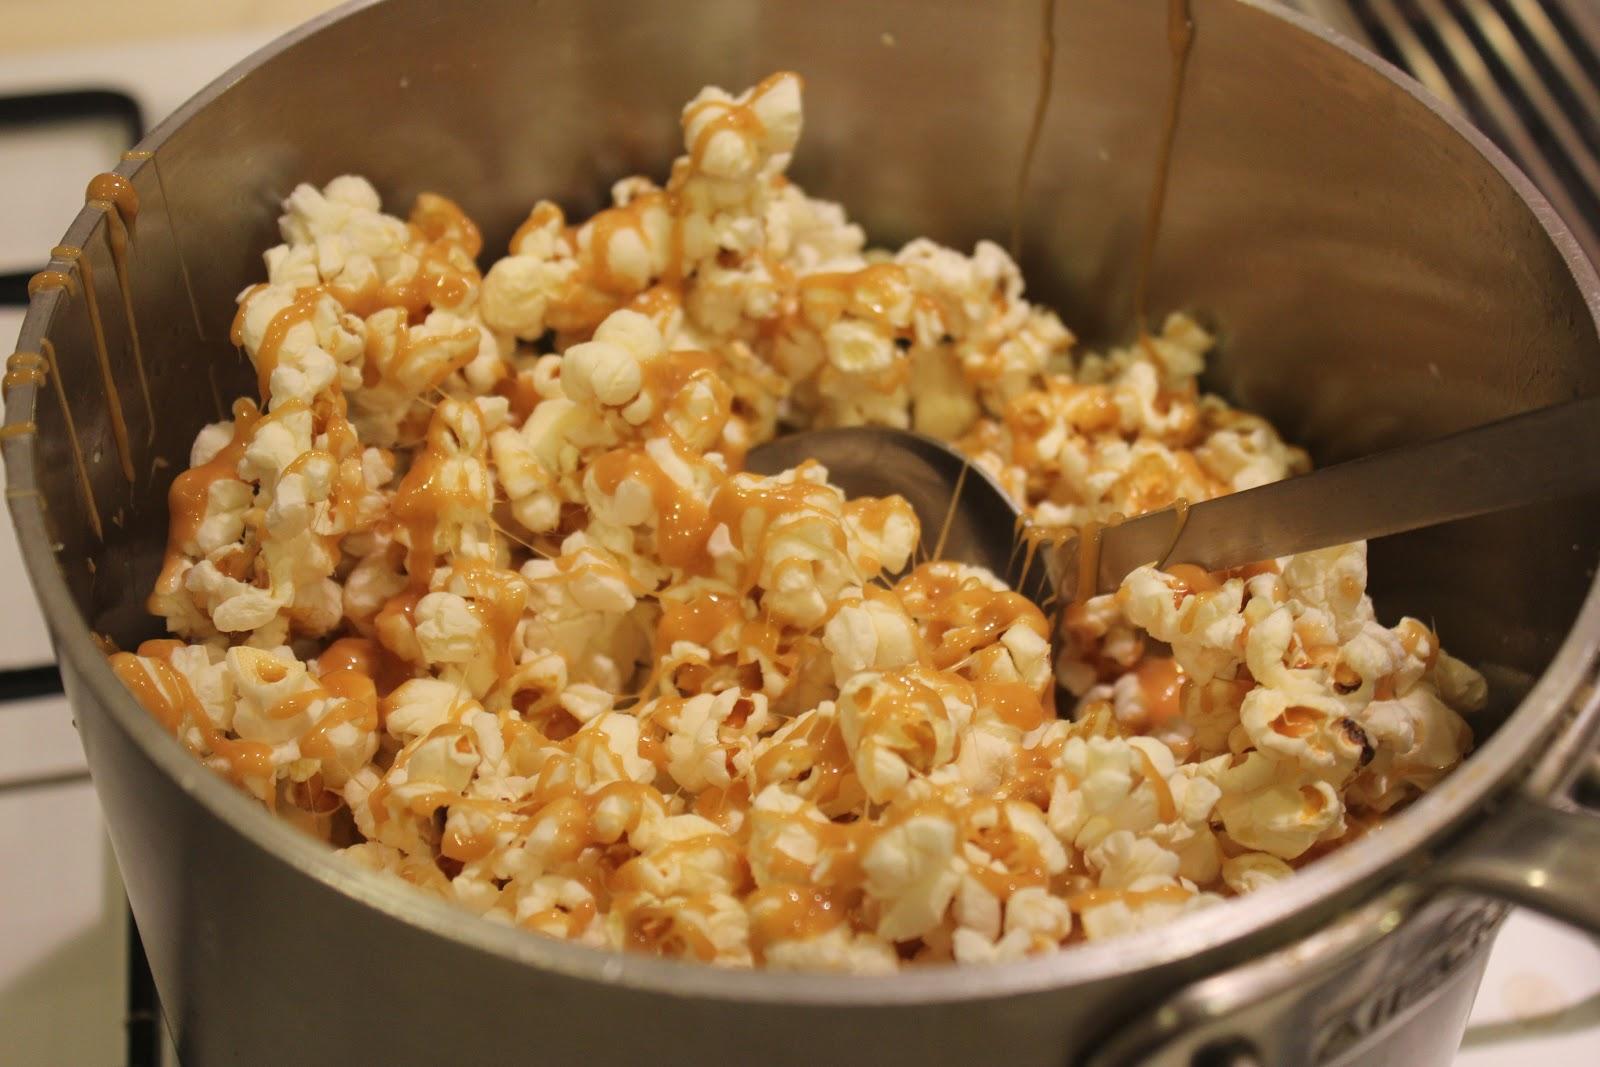 Dorm Room Dinner National Food Day Chili Caramel Popcorn Obat Pembesar Penis Klg Original